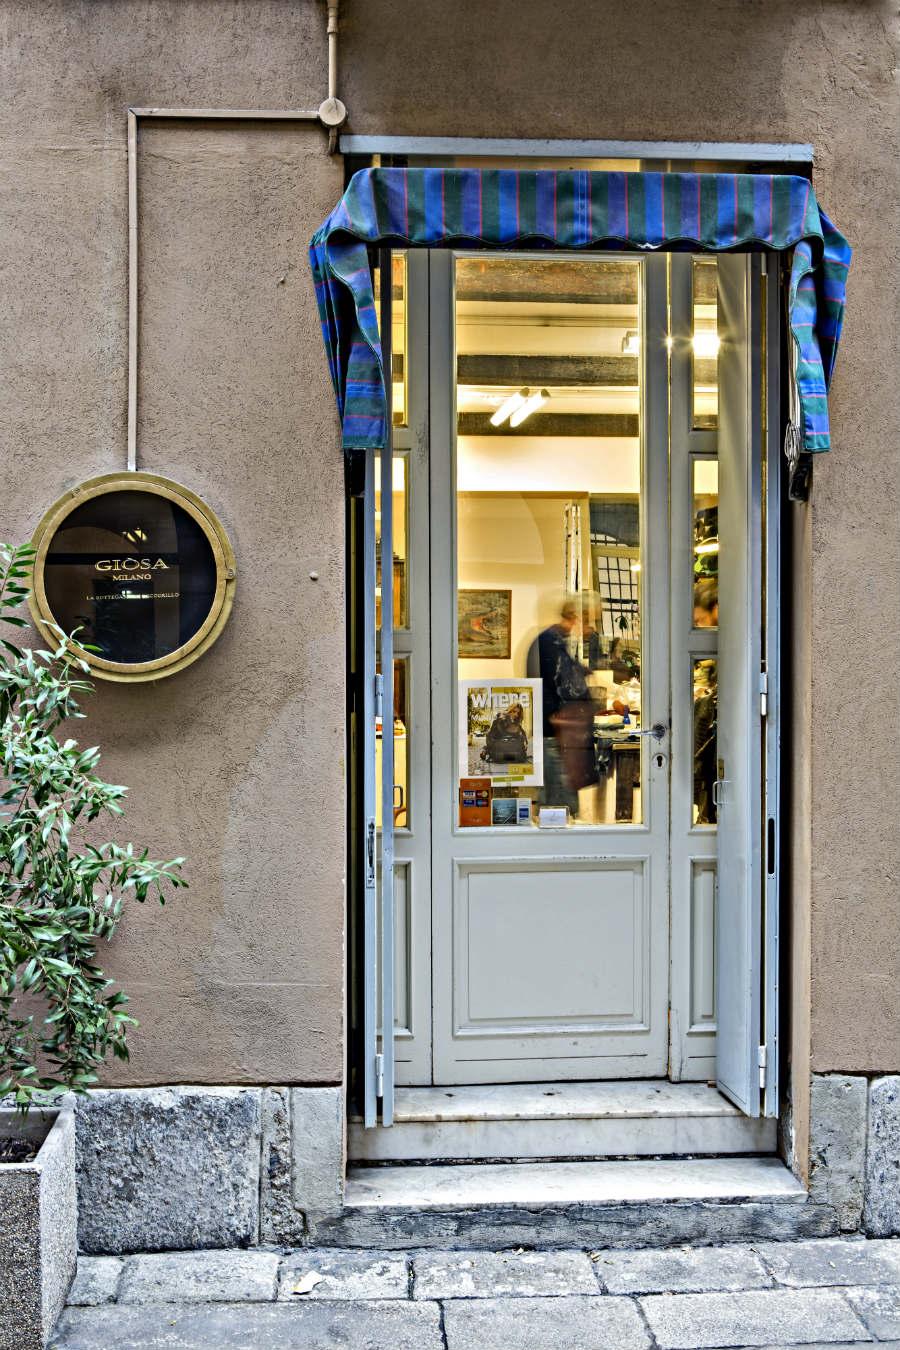 Giòsa - L'ingresso della bottega artigianale in via Ciovasso 6 a Milano; all'interno, gli abili artigiani lavorano la preziosa pelle di rettile dando vita a esclusive realizzazioni Made in Italy. © Emanuele Zamponi